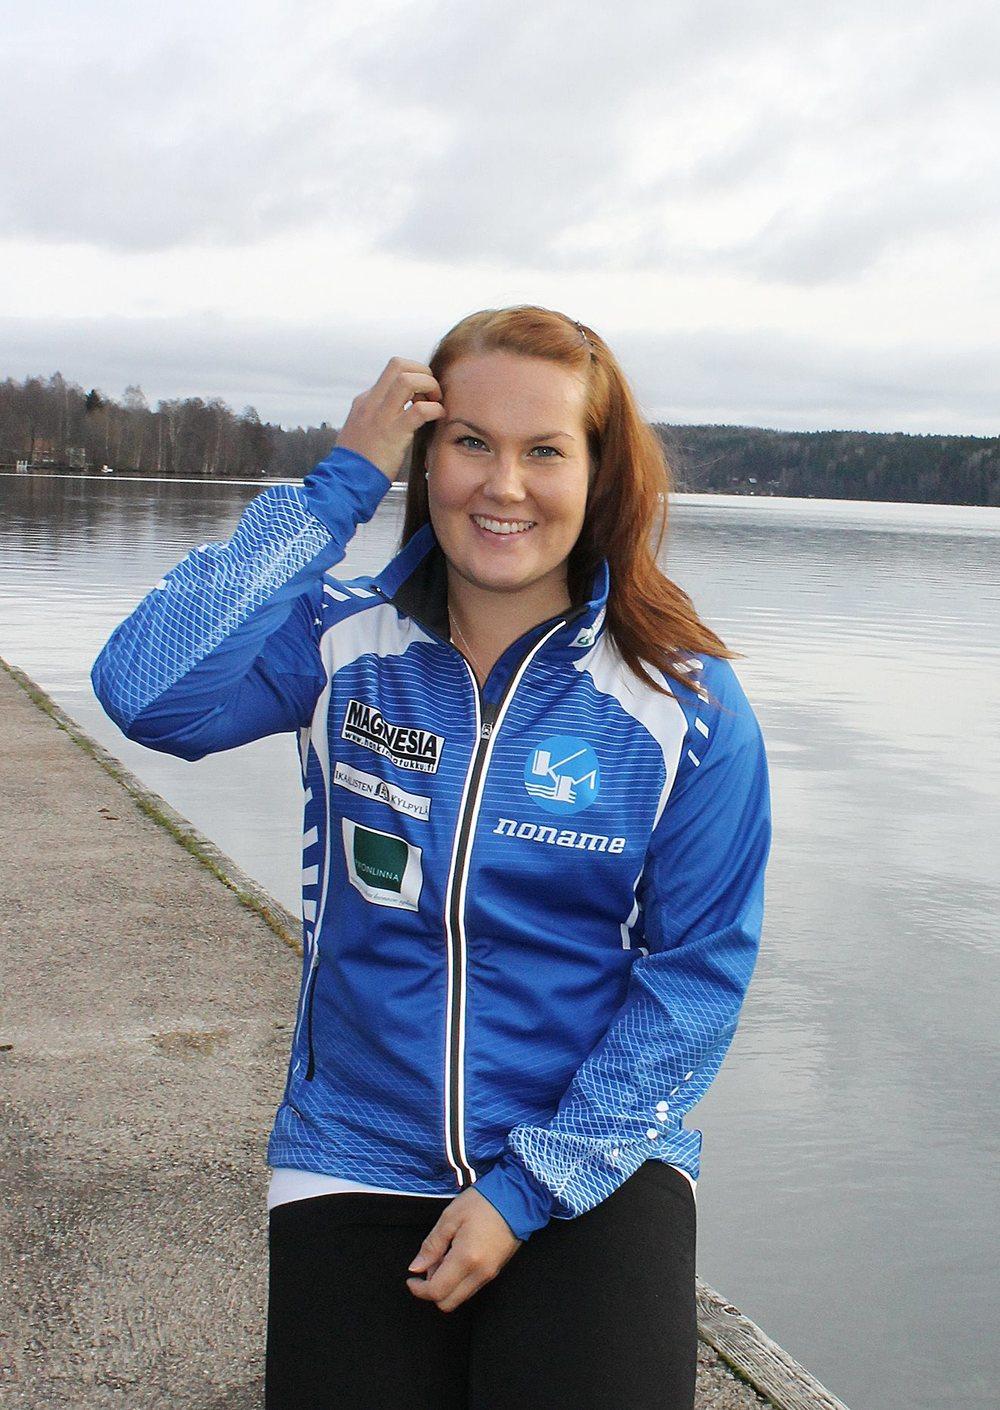 Kuva: Pekka Kaarna